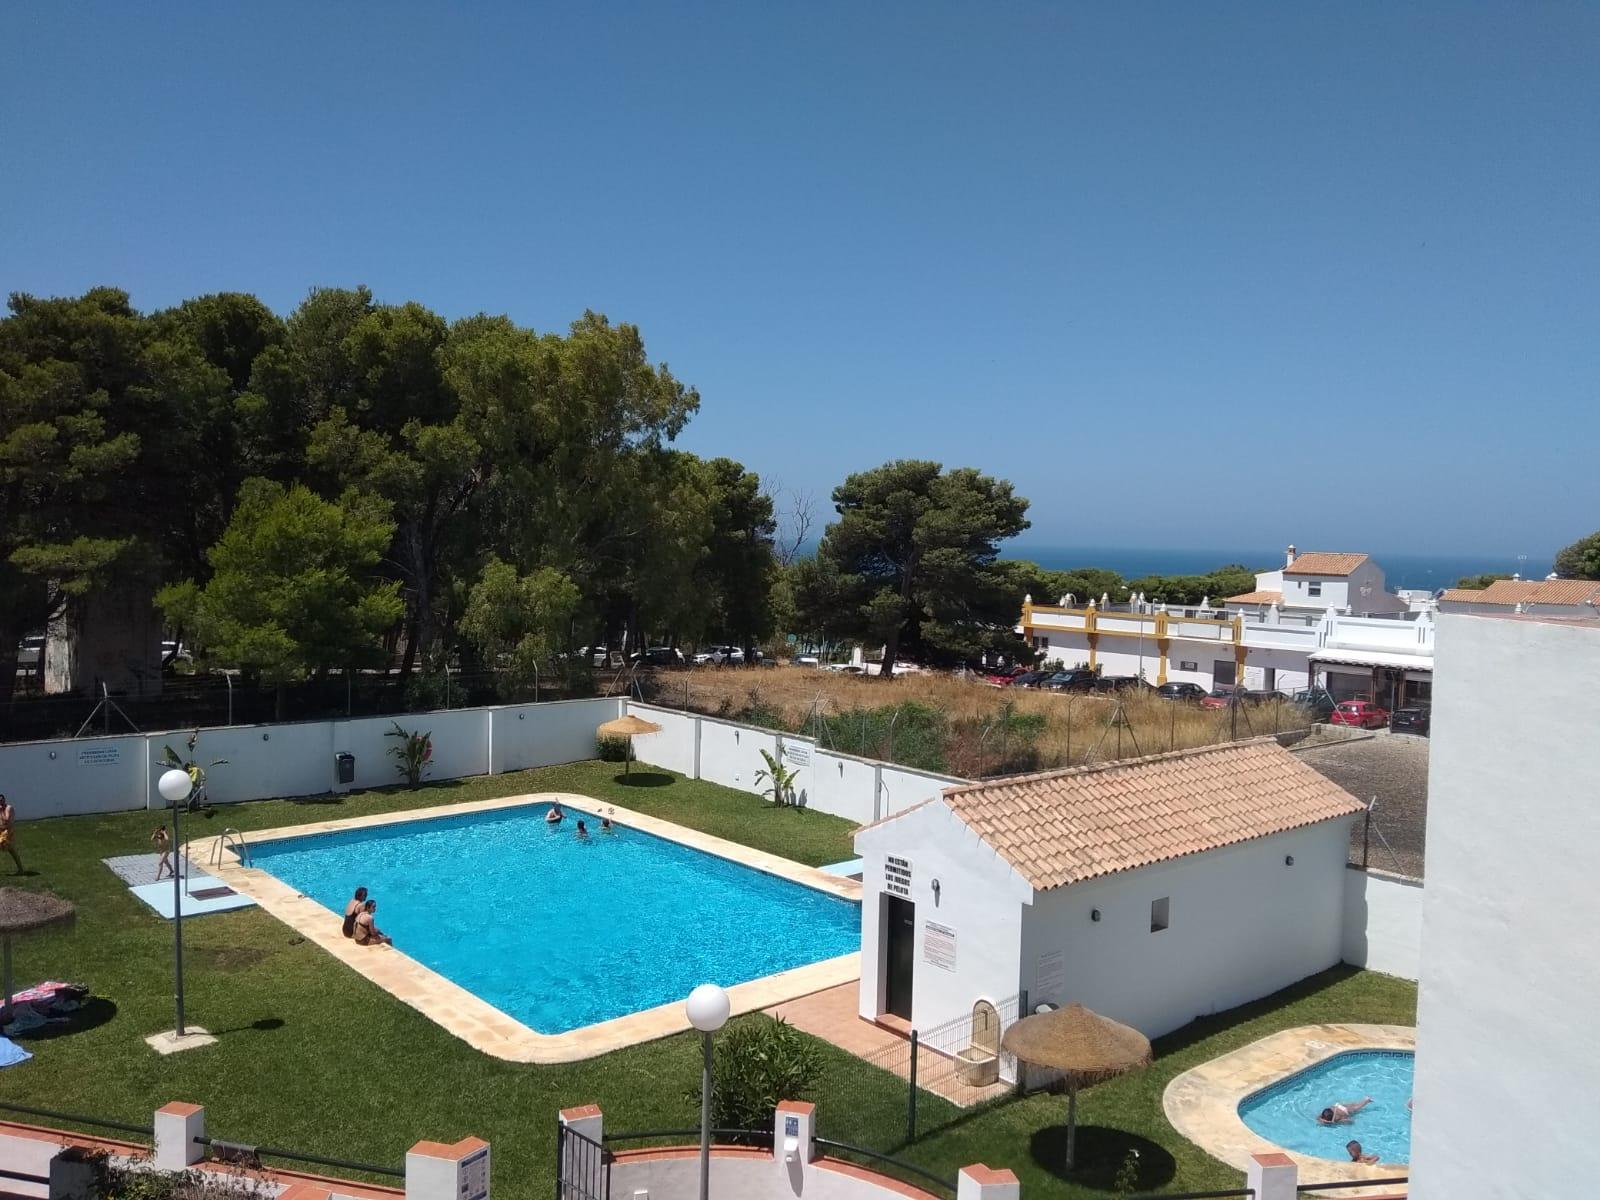 Conil 116 p5,Apartment in Conil de la Frontera, Costa de la Luz, Spain  with communal pool for 5 persons.....